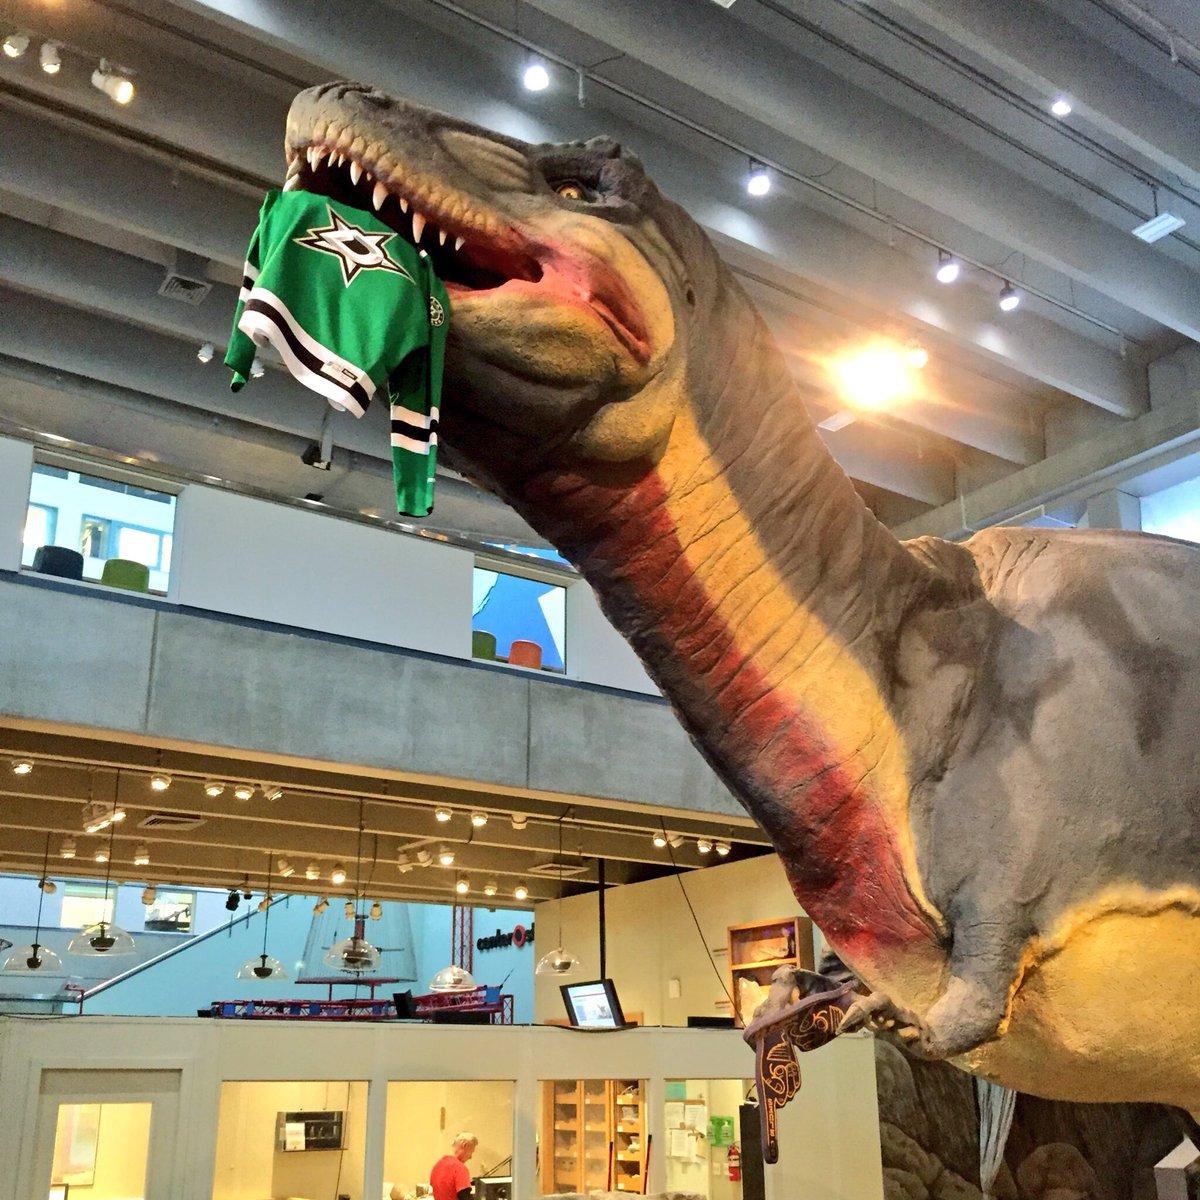 Foam Fingers✔️ Devoured @DallasStars ✔️    #LetsGoBlues #WeAllBleedBlue #Tarasenkosaurus https://t.co/tYK8E6G0MO